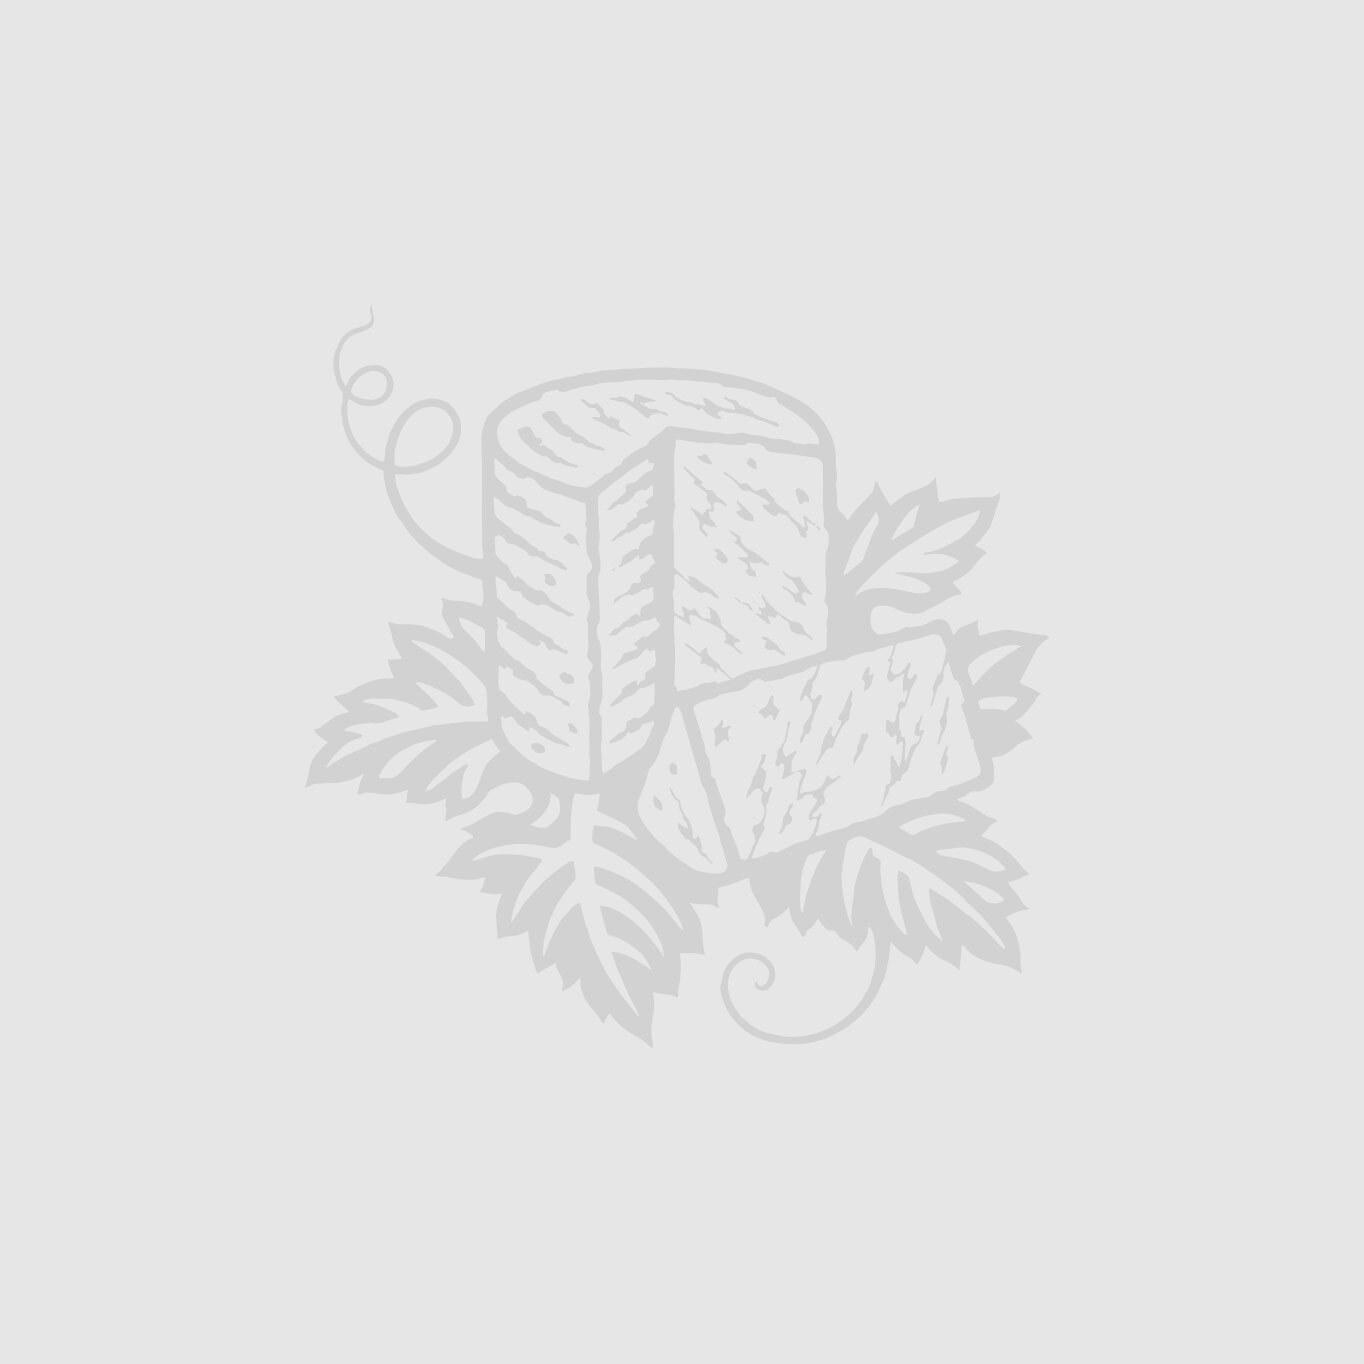 Gooseberry and Elderflower Skyr - 130g Jar